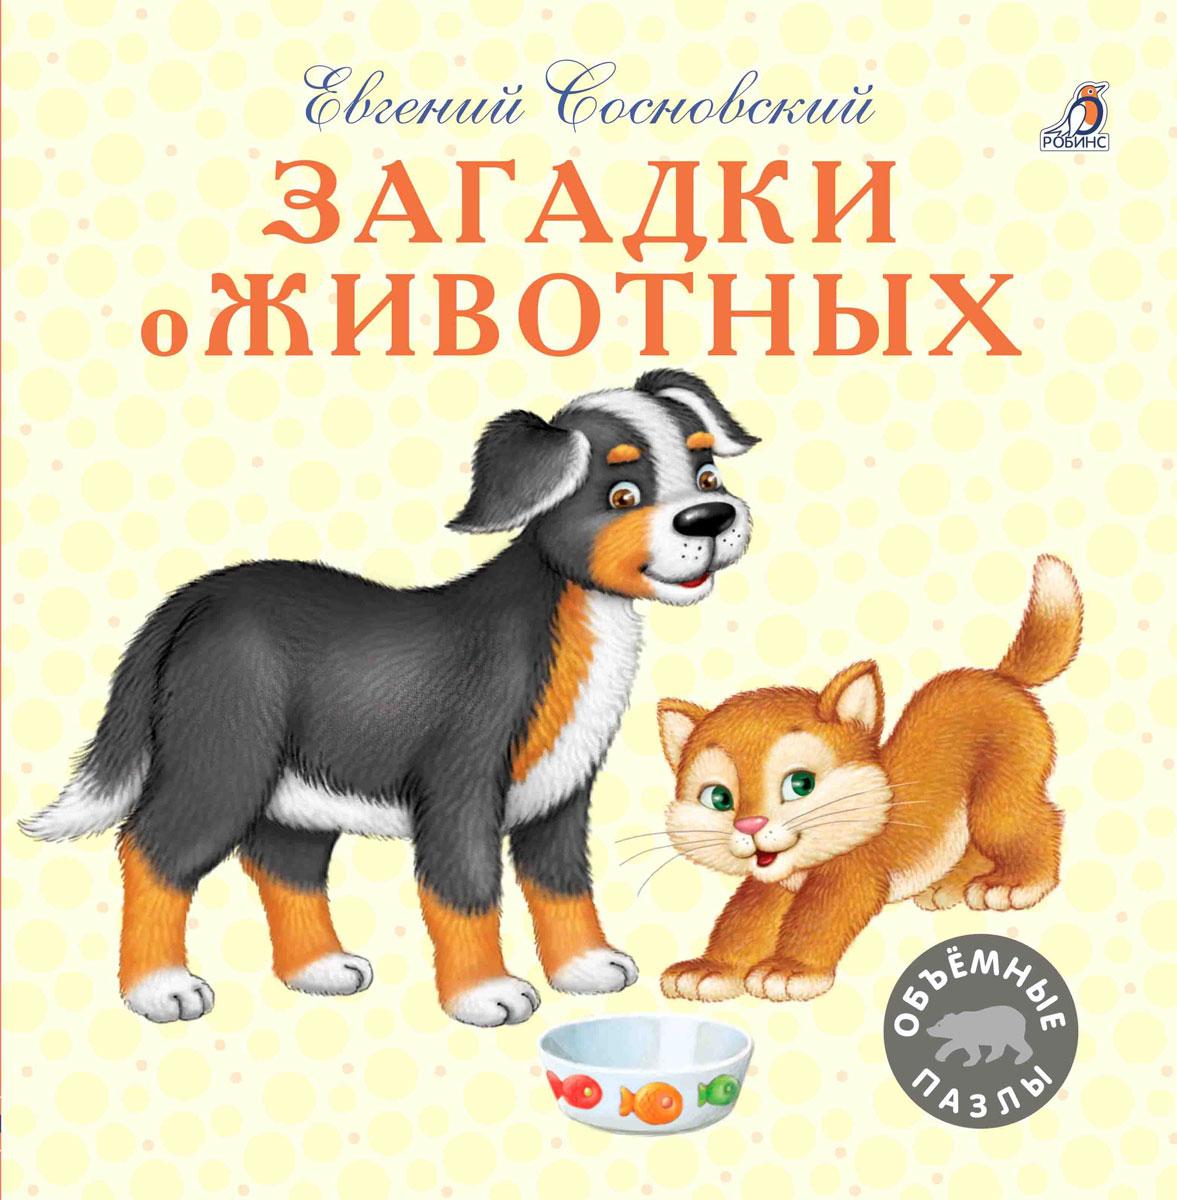 Евгений Сосновский Загадки о животных